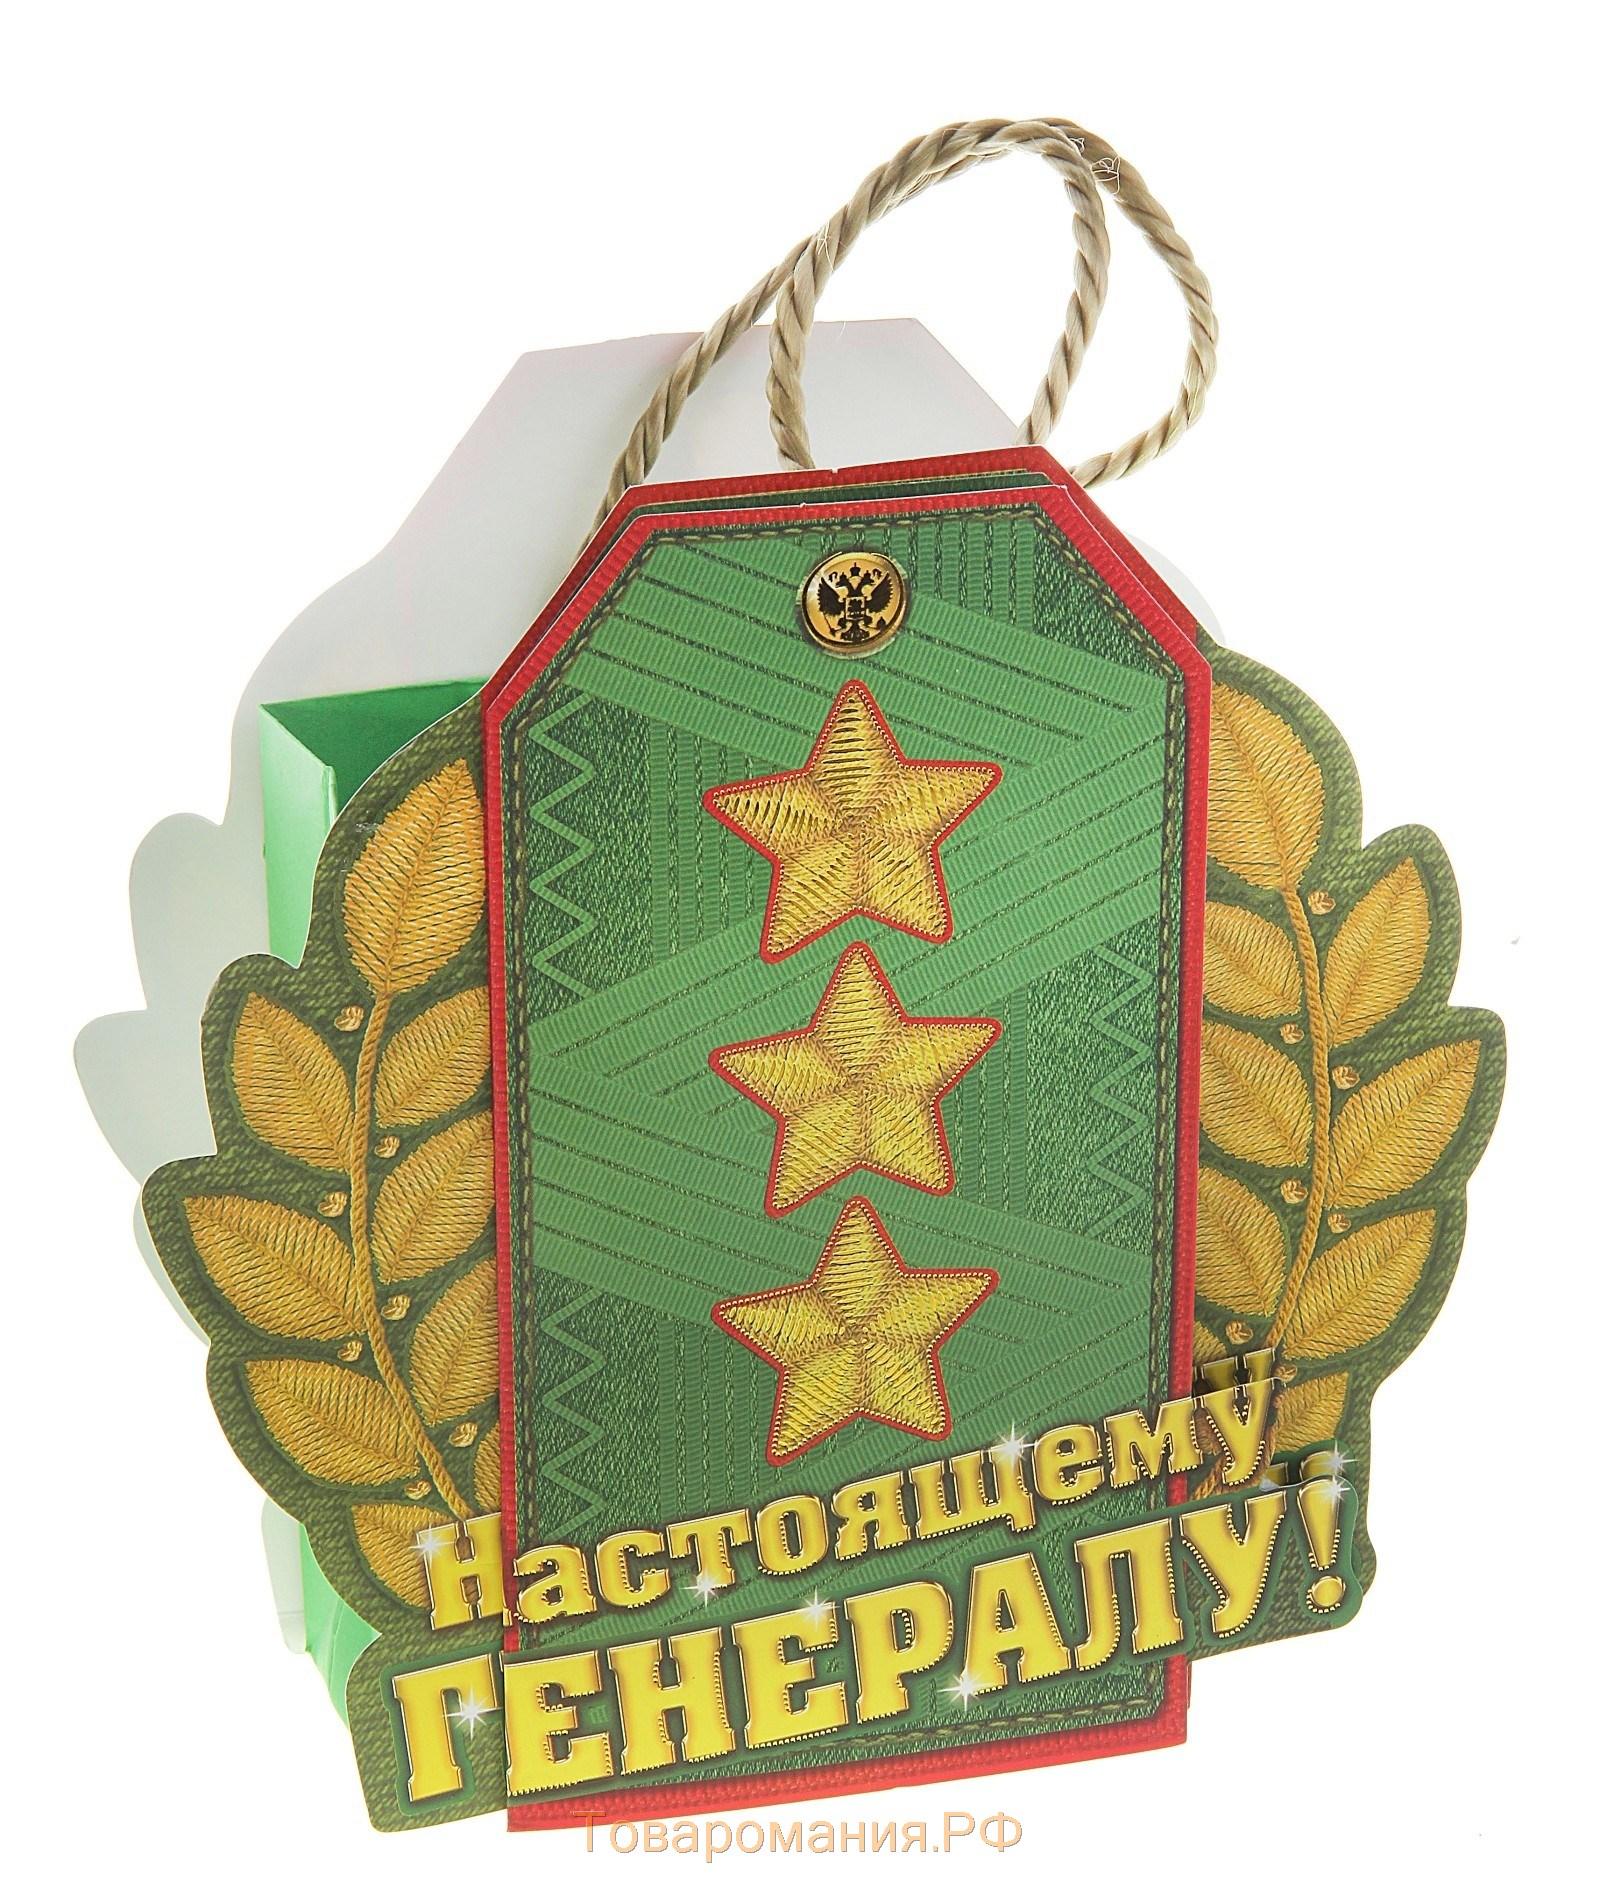 Поздравления с получением генерала